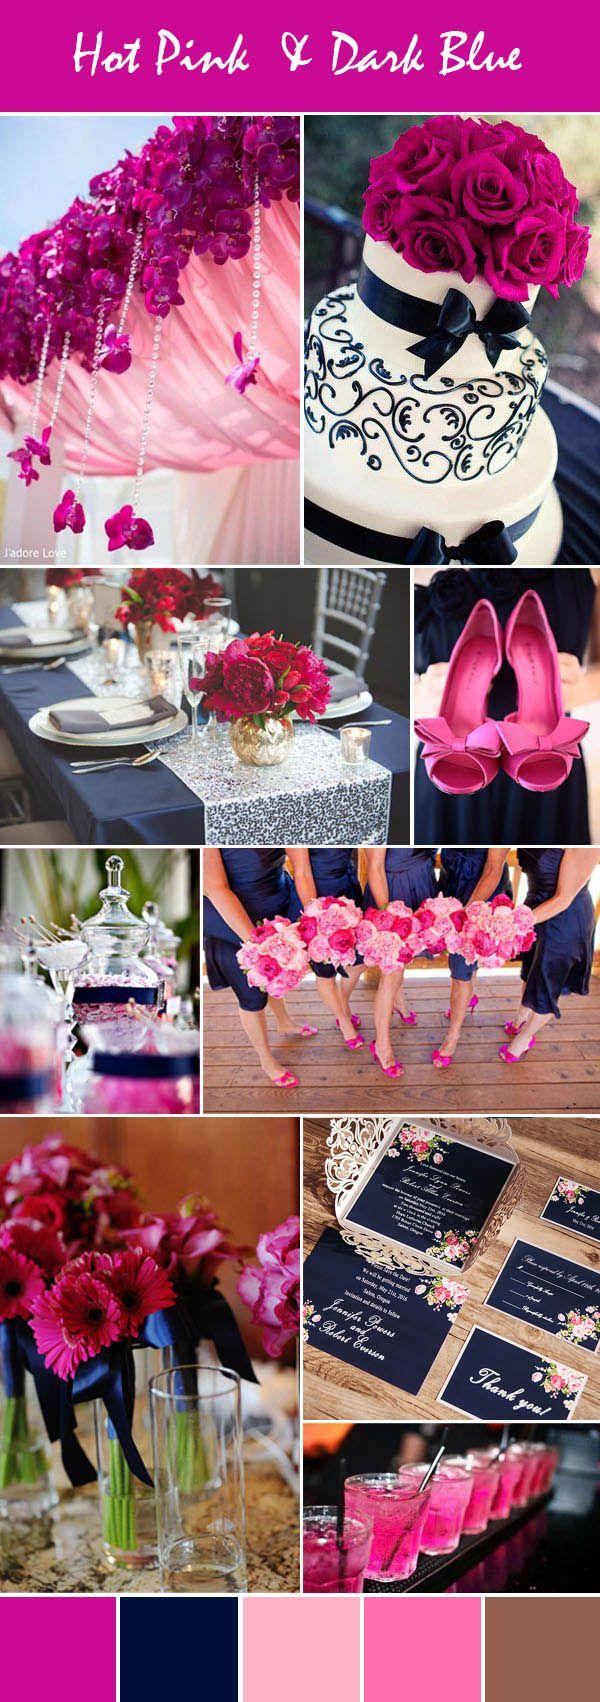 hot pink and dark blue wedding ideas